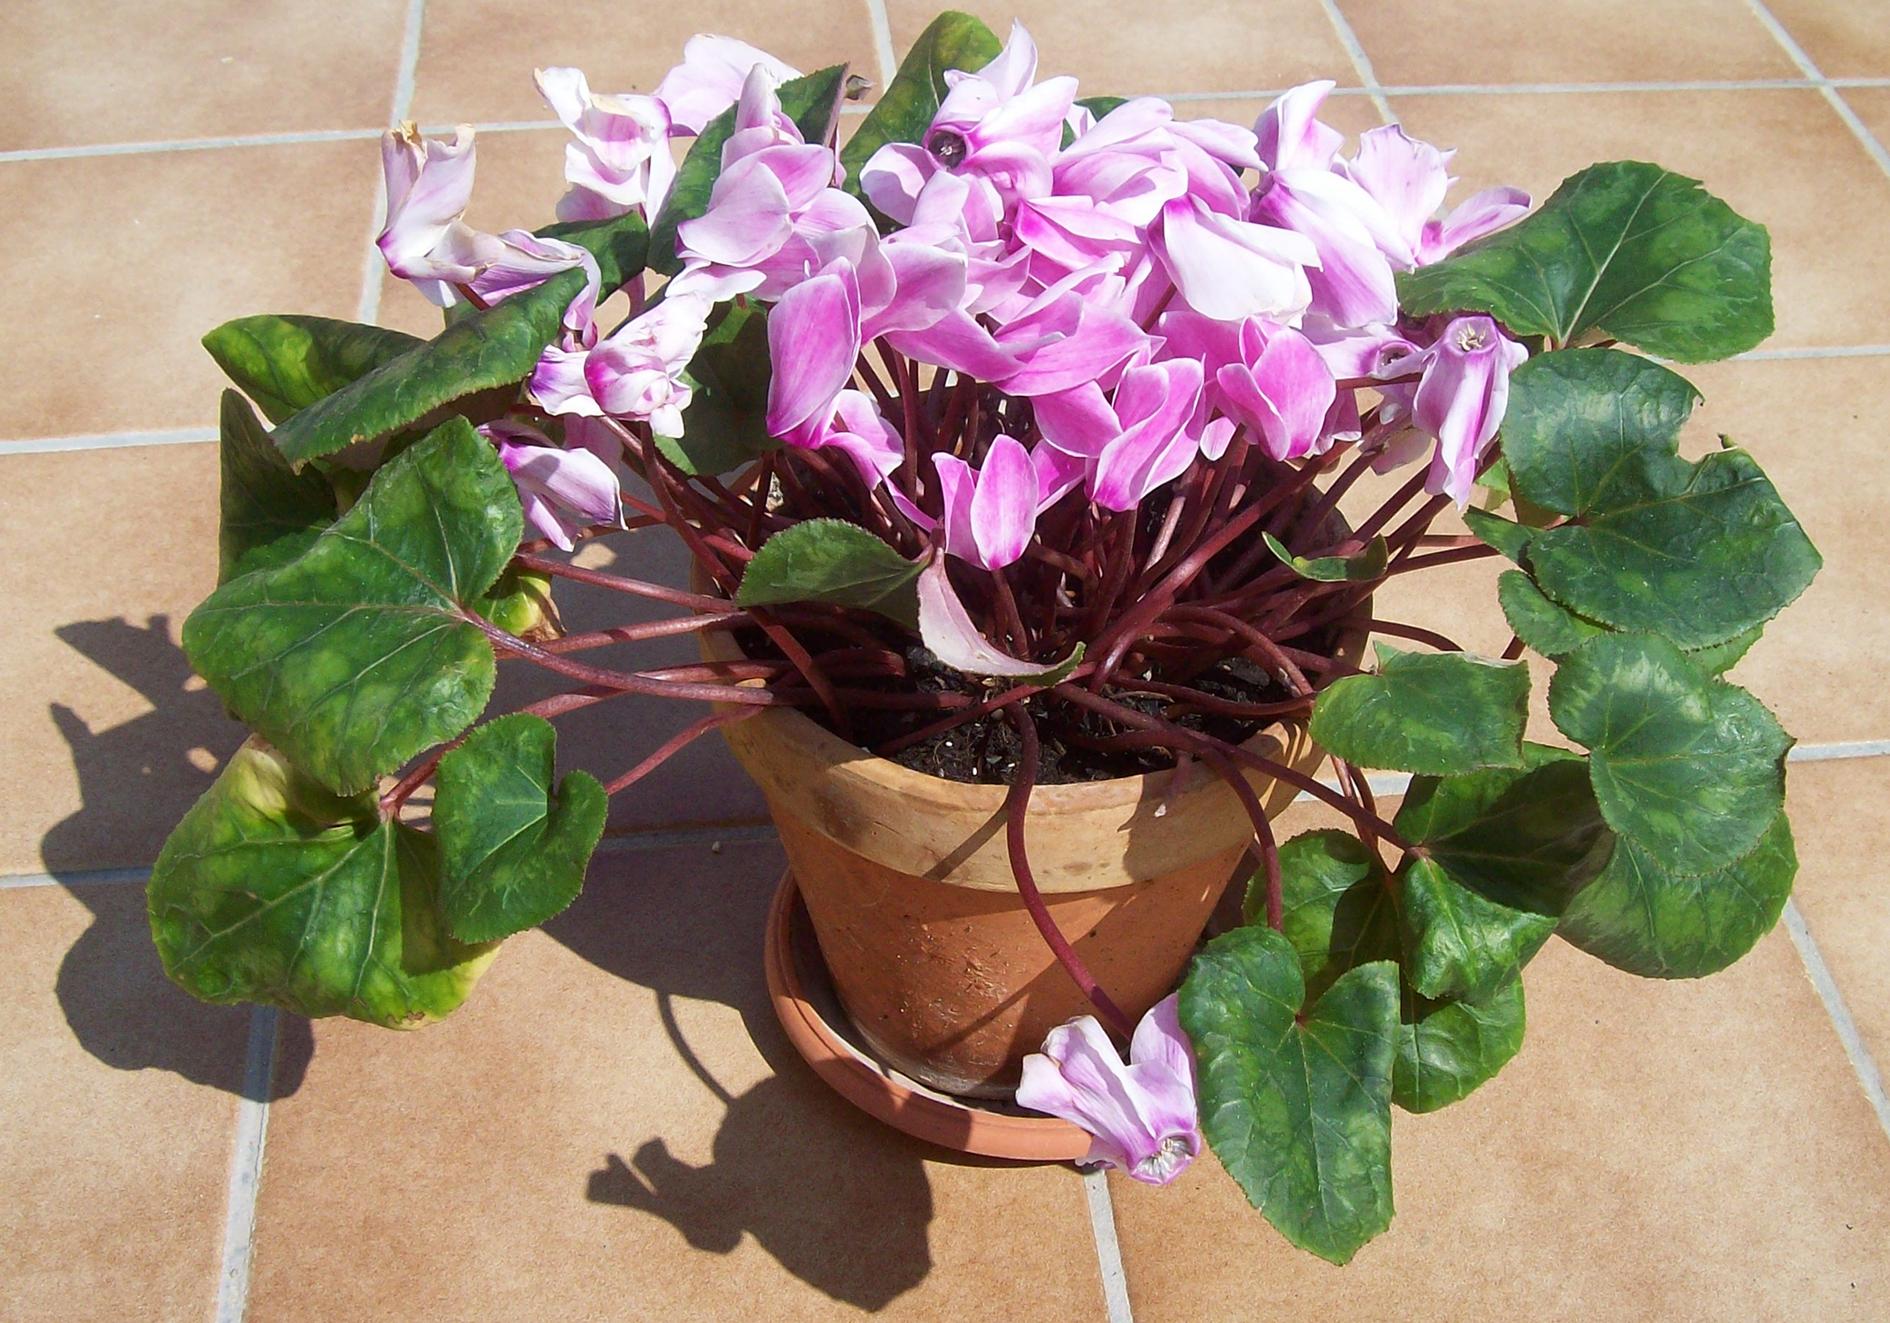 Las Plantas De Exterior Que Aguantan El Frio Invierno Tendenziascom - Nombres-de-plantas-de-exterior